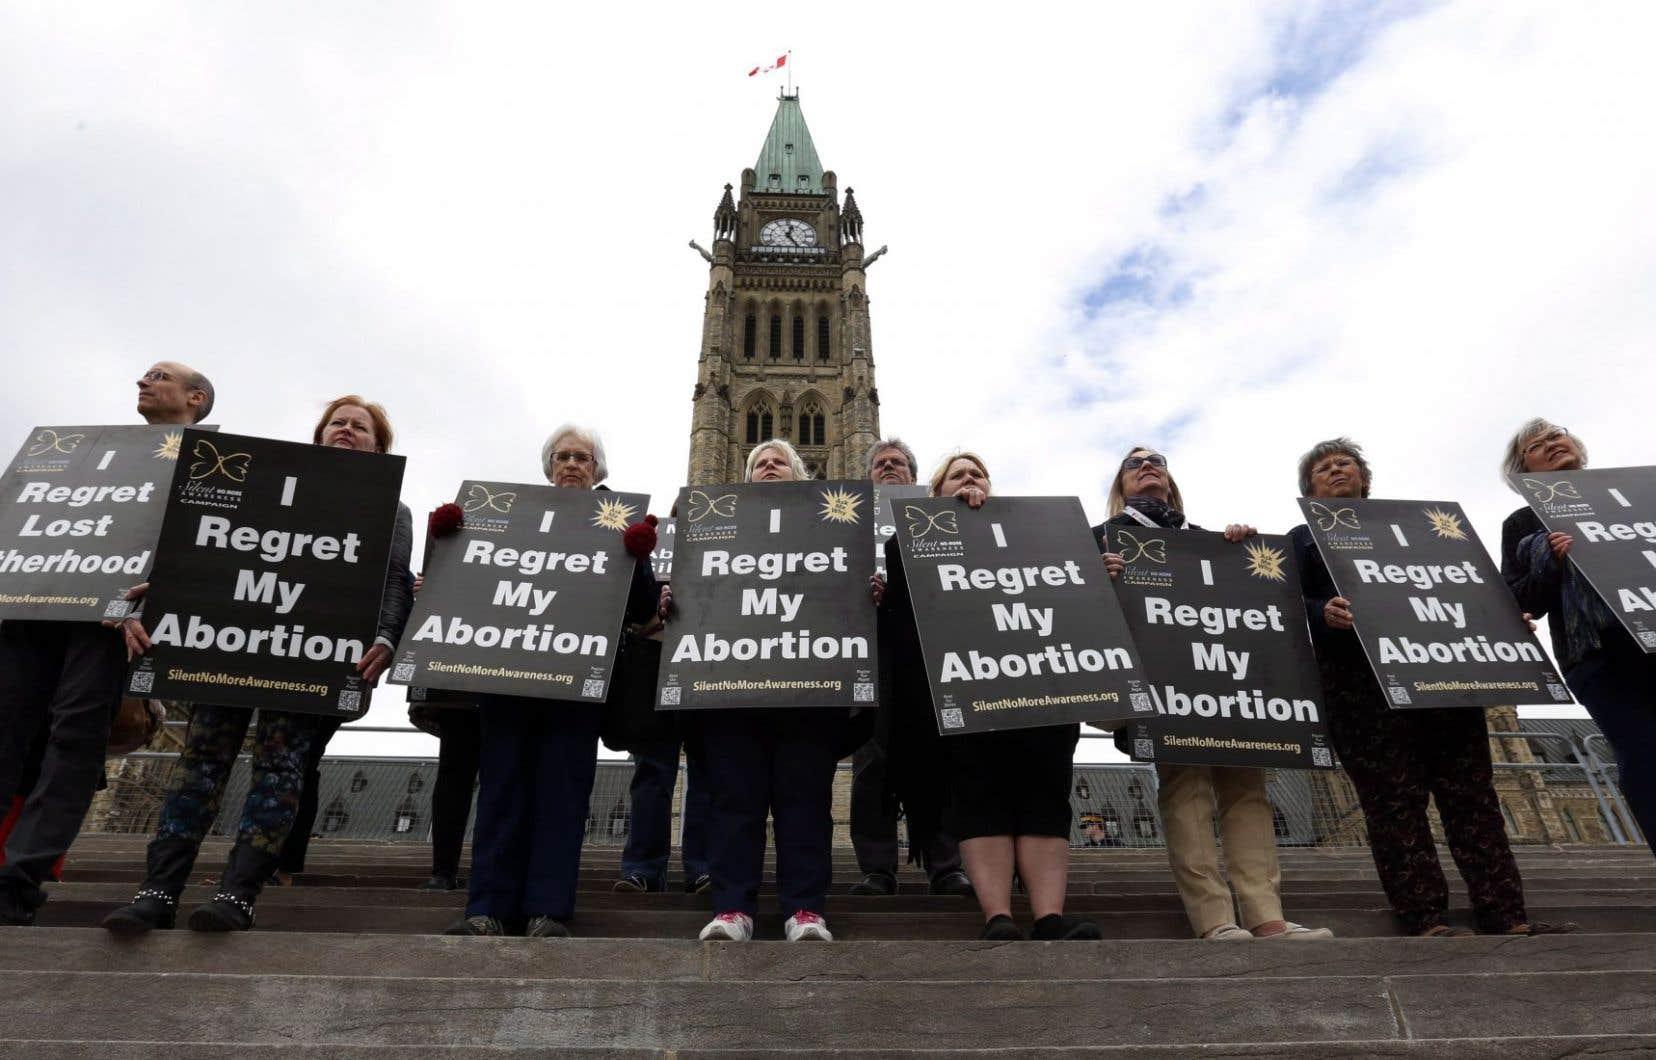 La ville d'Ottawa permet aux organismes à but non lucratif ne faisant pas la promotion de la haine ou la violence de faire flotter leur drapeau pour faire connaître leurs actions.